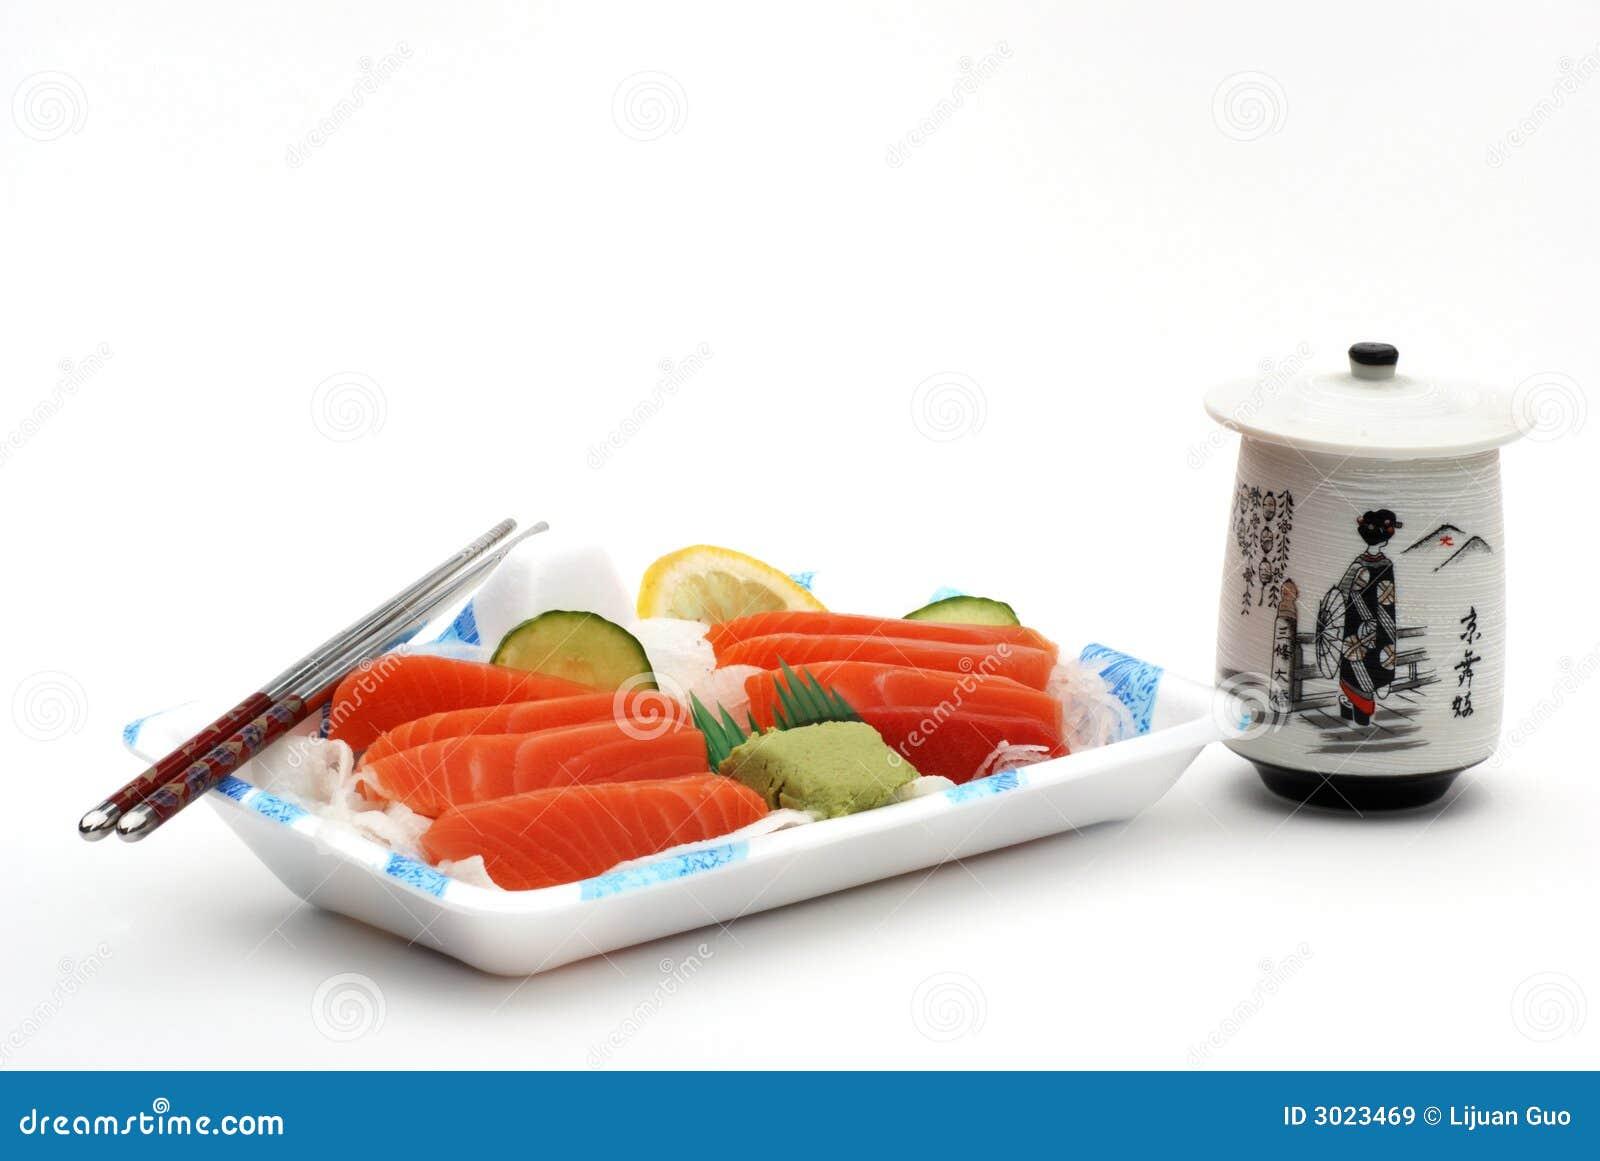 Sushi sashimi lunch box